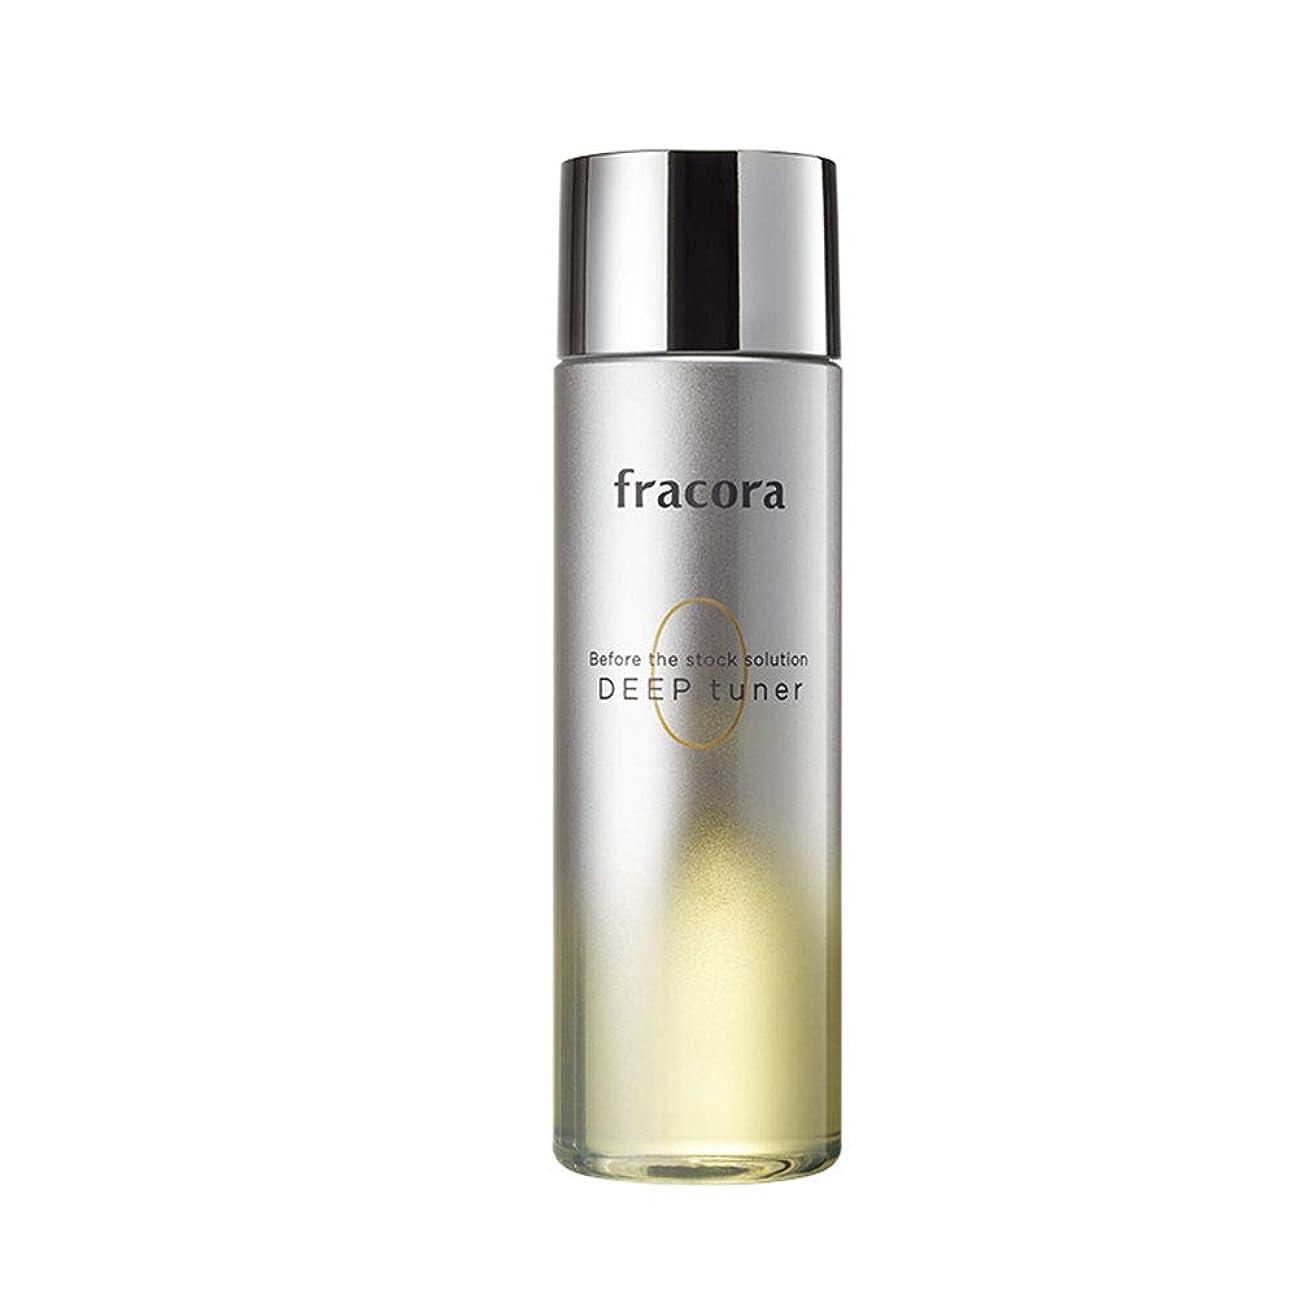 上昇しなければならない配送fracora(フラコラ) 保湿液 ディープ チューナー 120mL